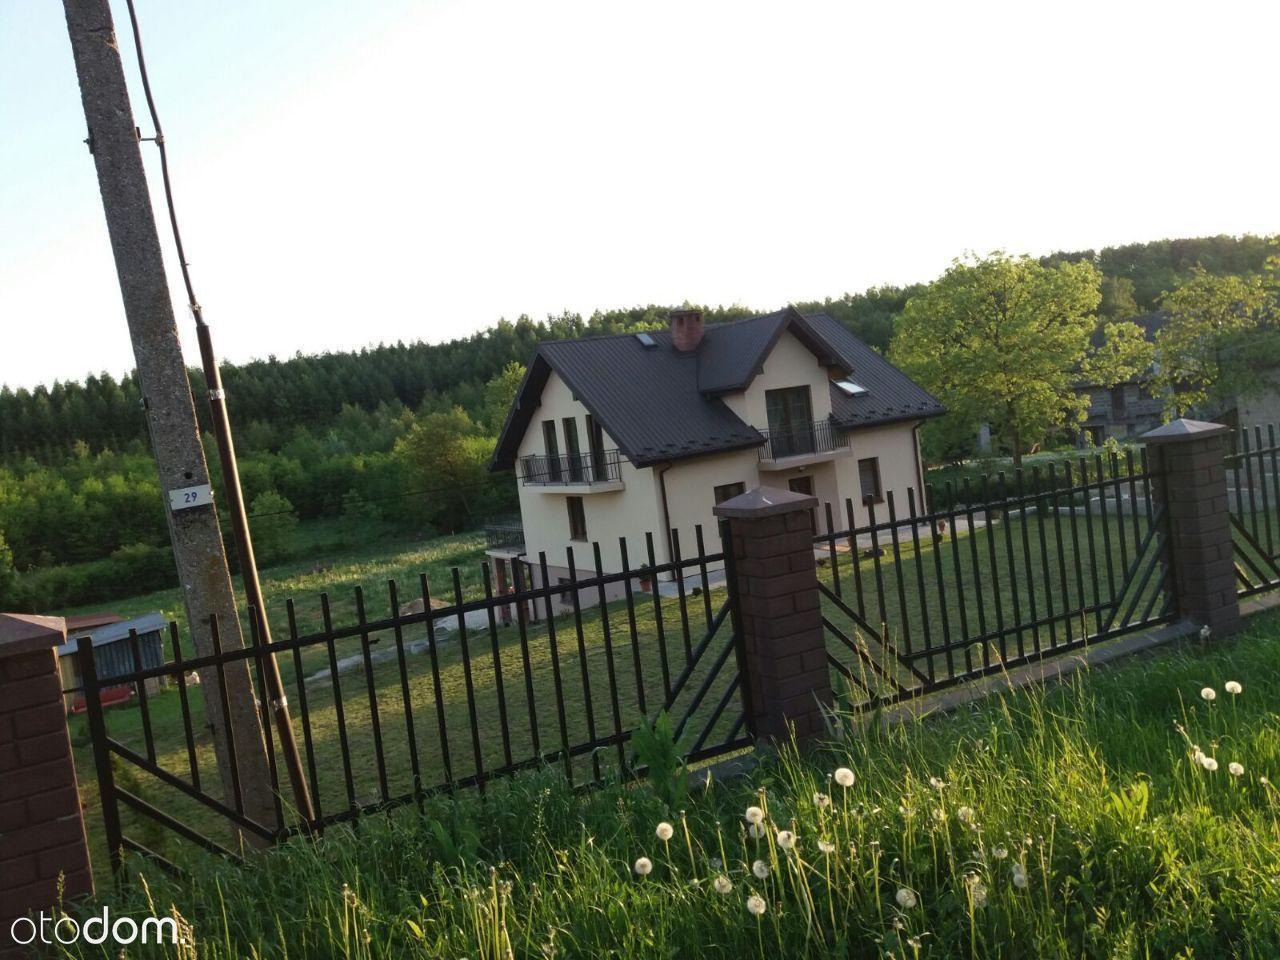 Dom na sprzedaż, Pełczyska, pińczowski, świętokrzyskie - Foto 1